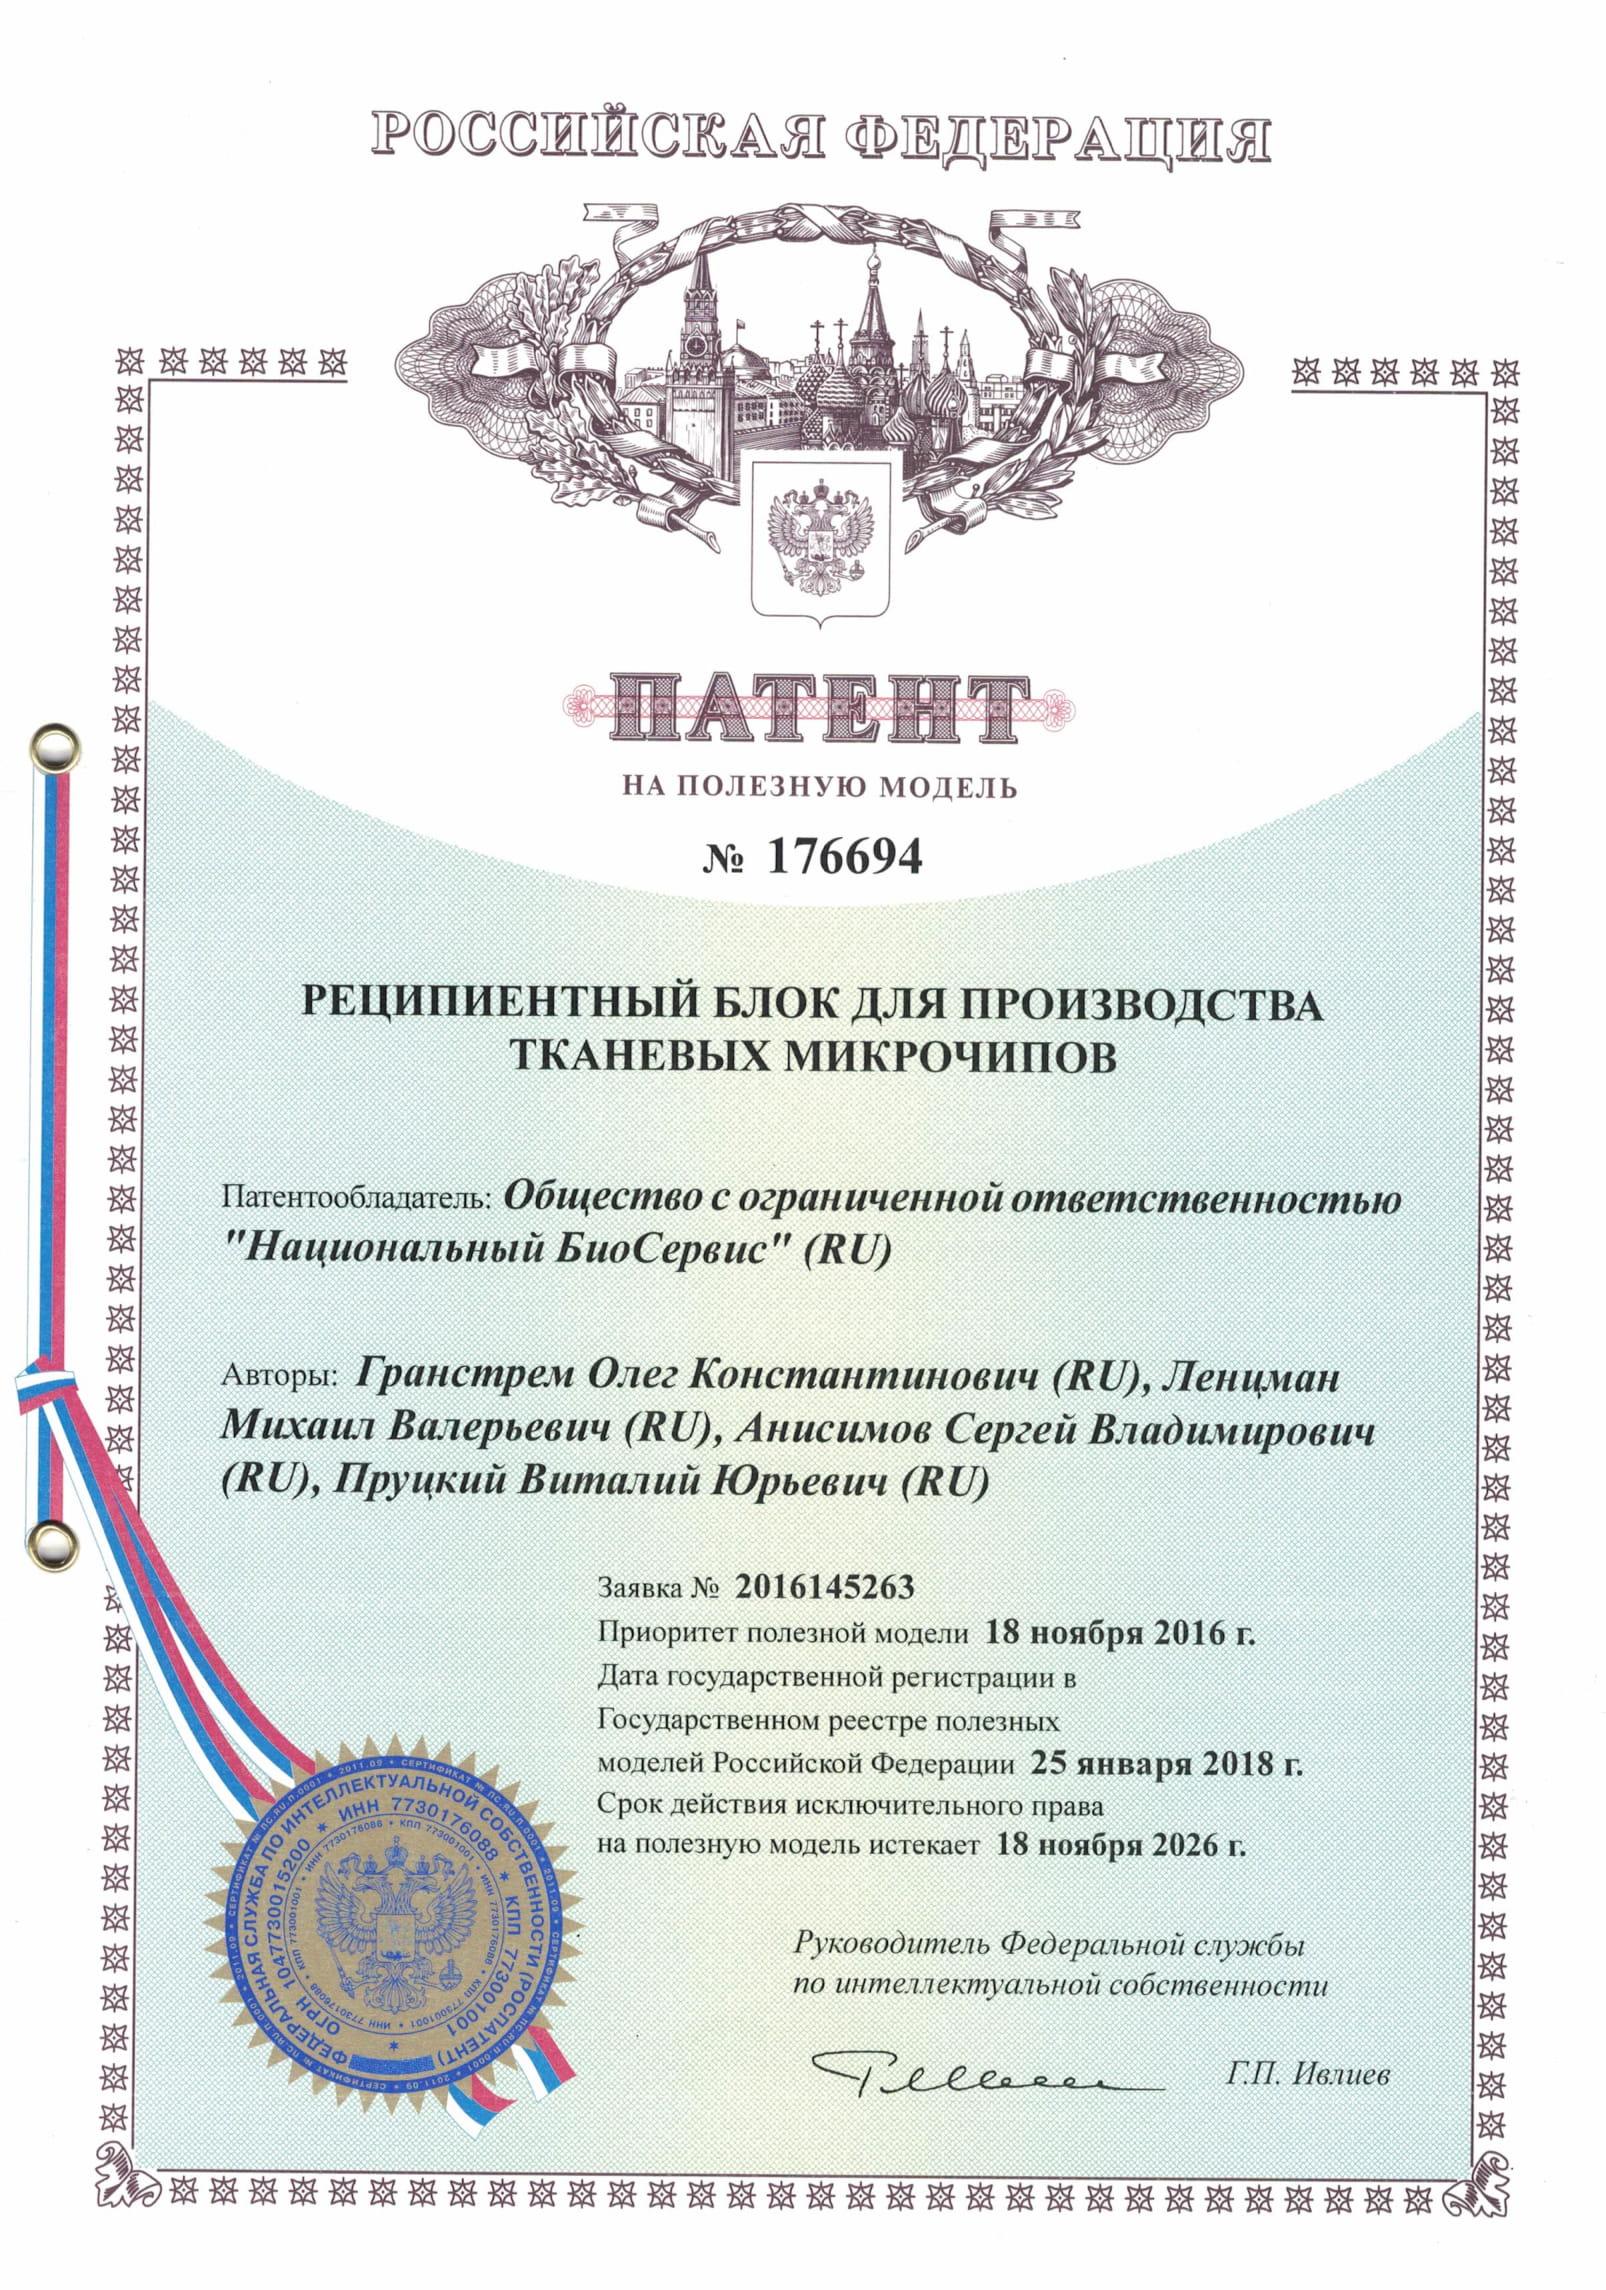 Патент на«Раципиентный блок для производства тканевых микрочипов»